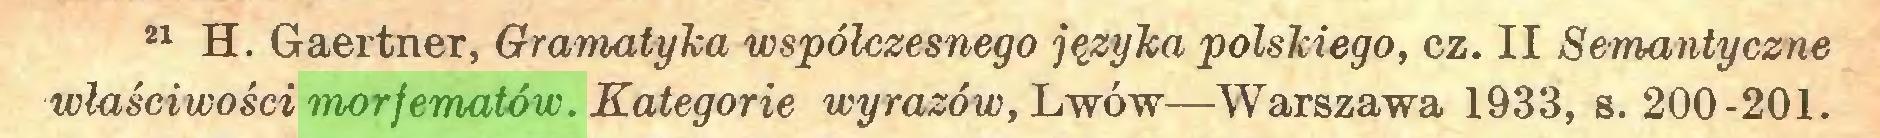 (...) 21 H. Gaertner, Gramatyka współczesnego języka polskiego, cz. II Semantyczne właściwości morfematów. Kategorie wyrazów, Lwów—Warszawa 1933, s. 200-201...